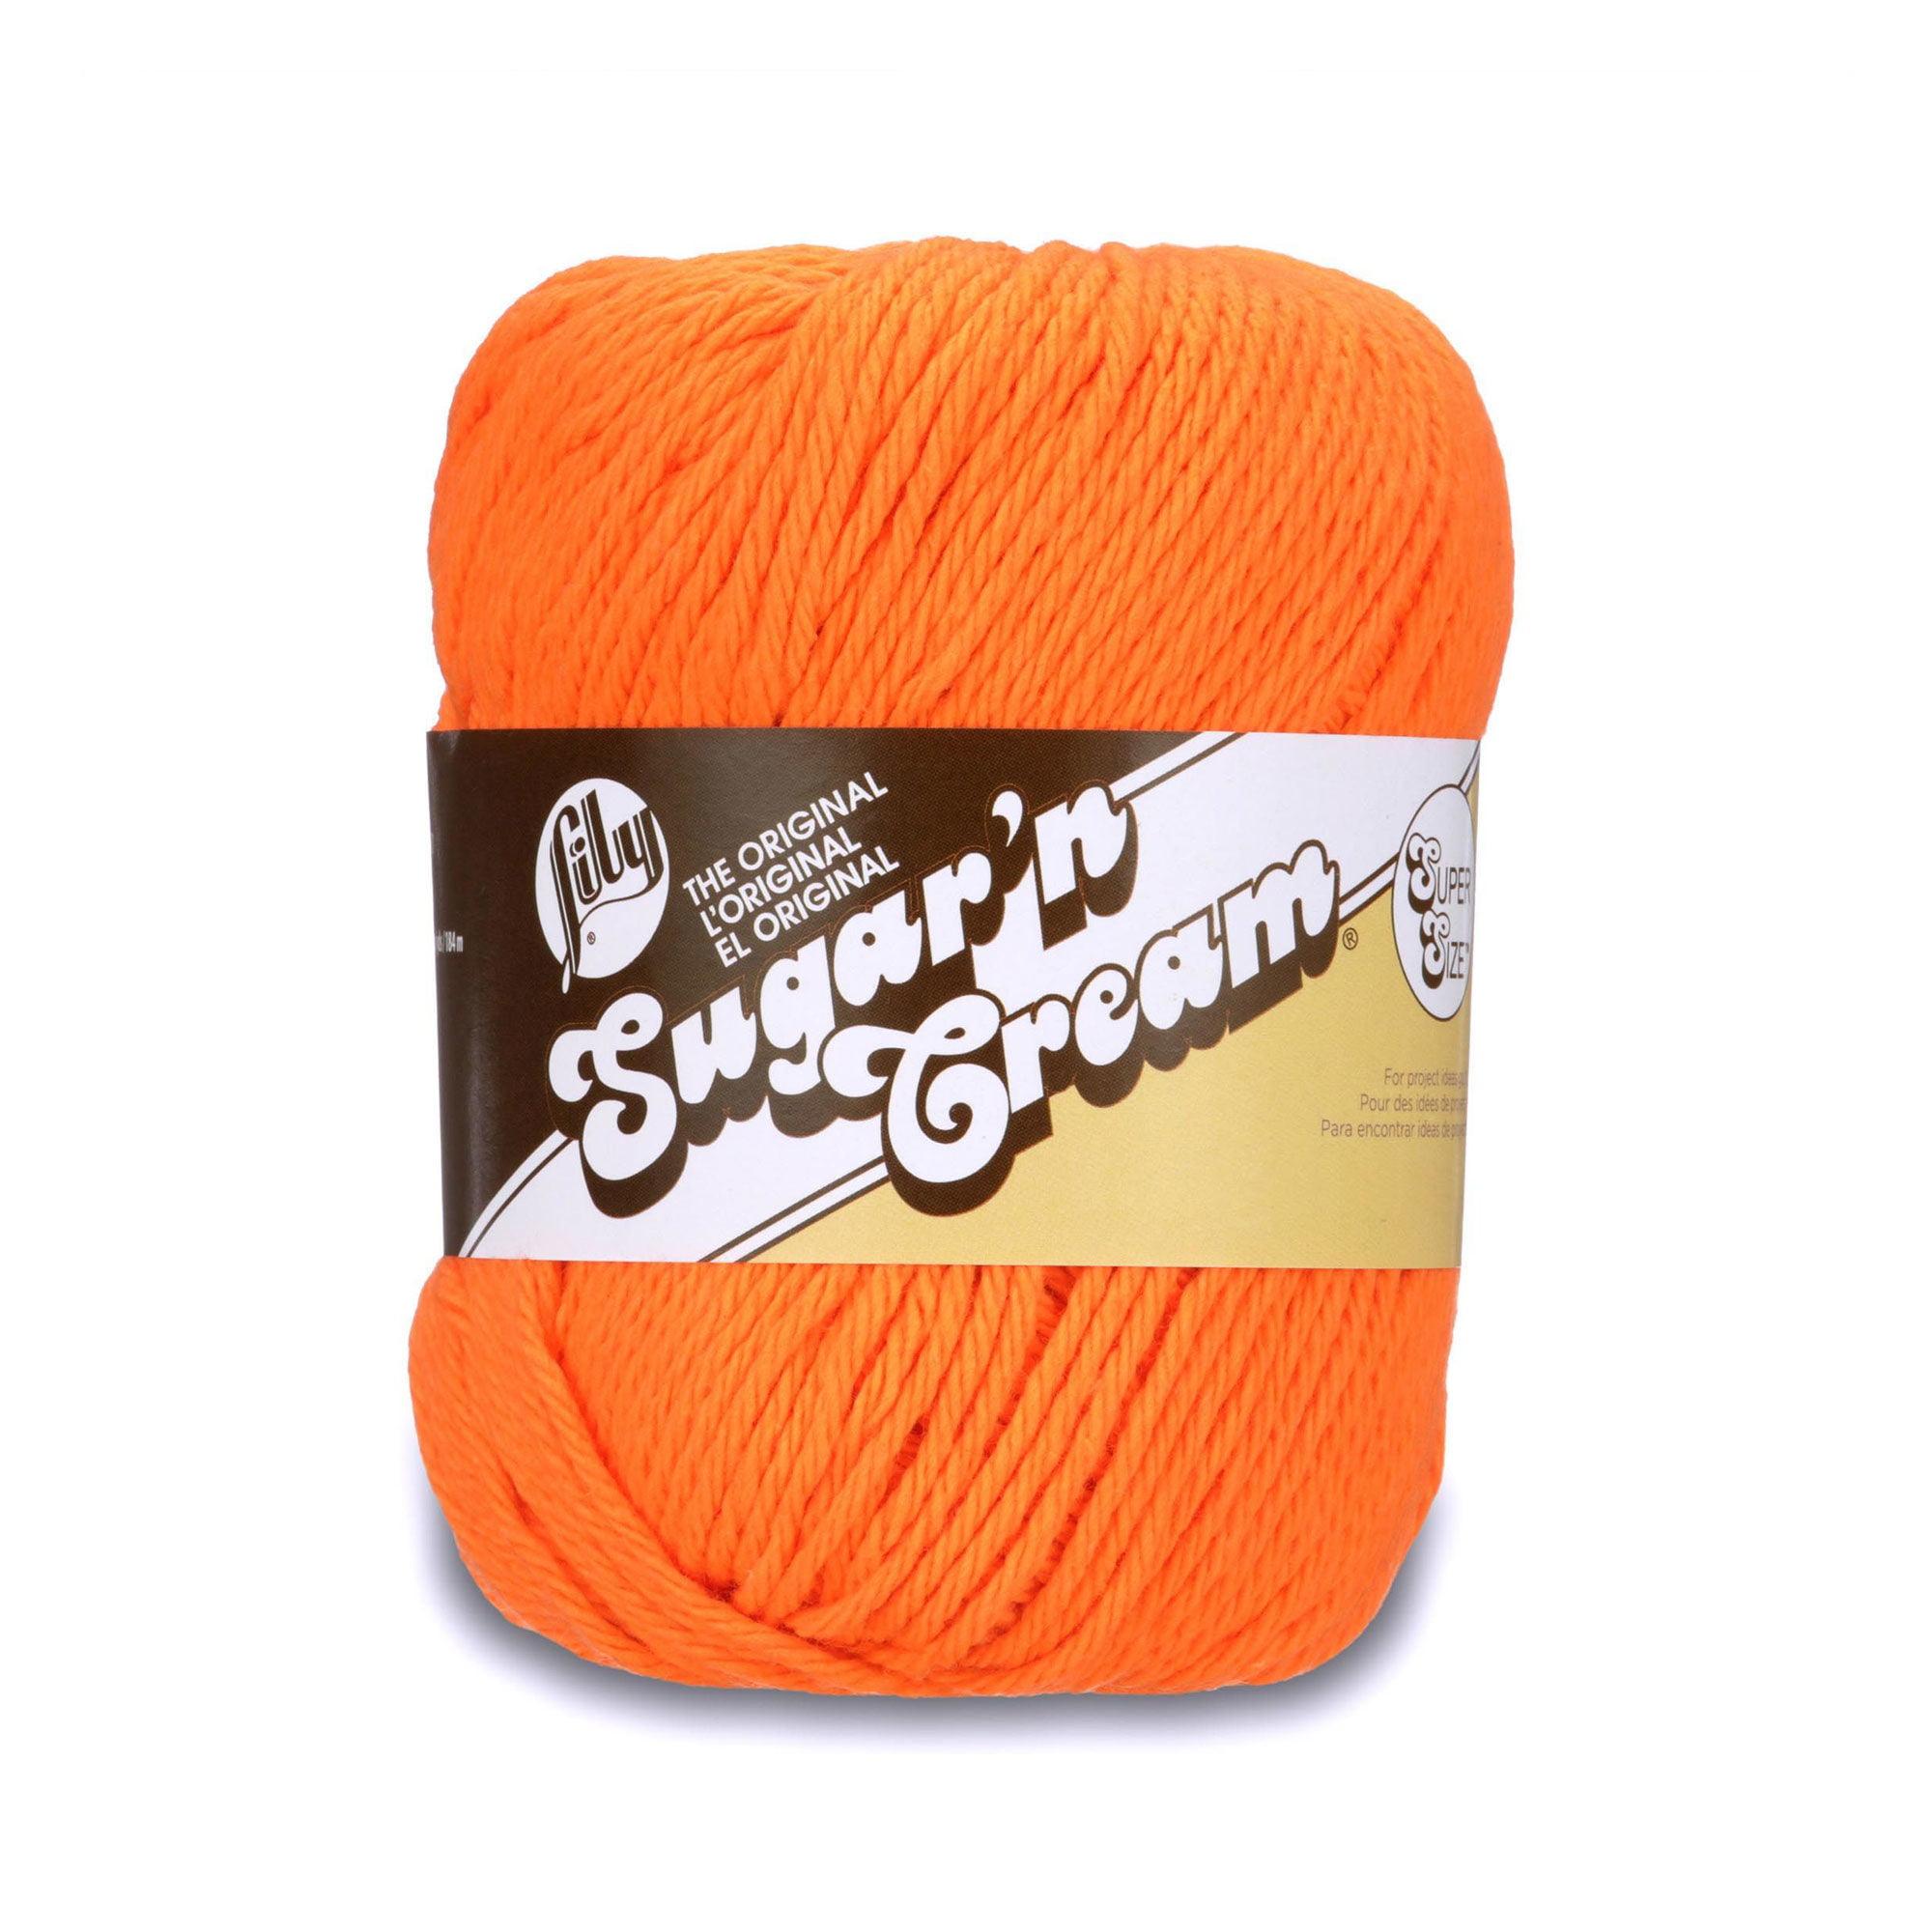 Lily Sugar'n Cream Super Size Yarn, 4 Oz, Hot Orange